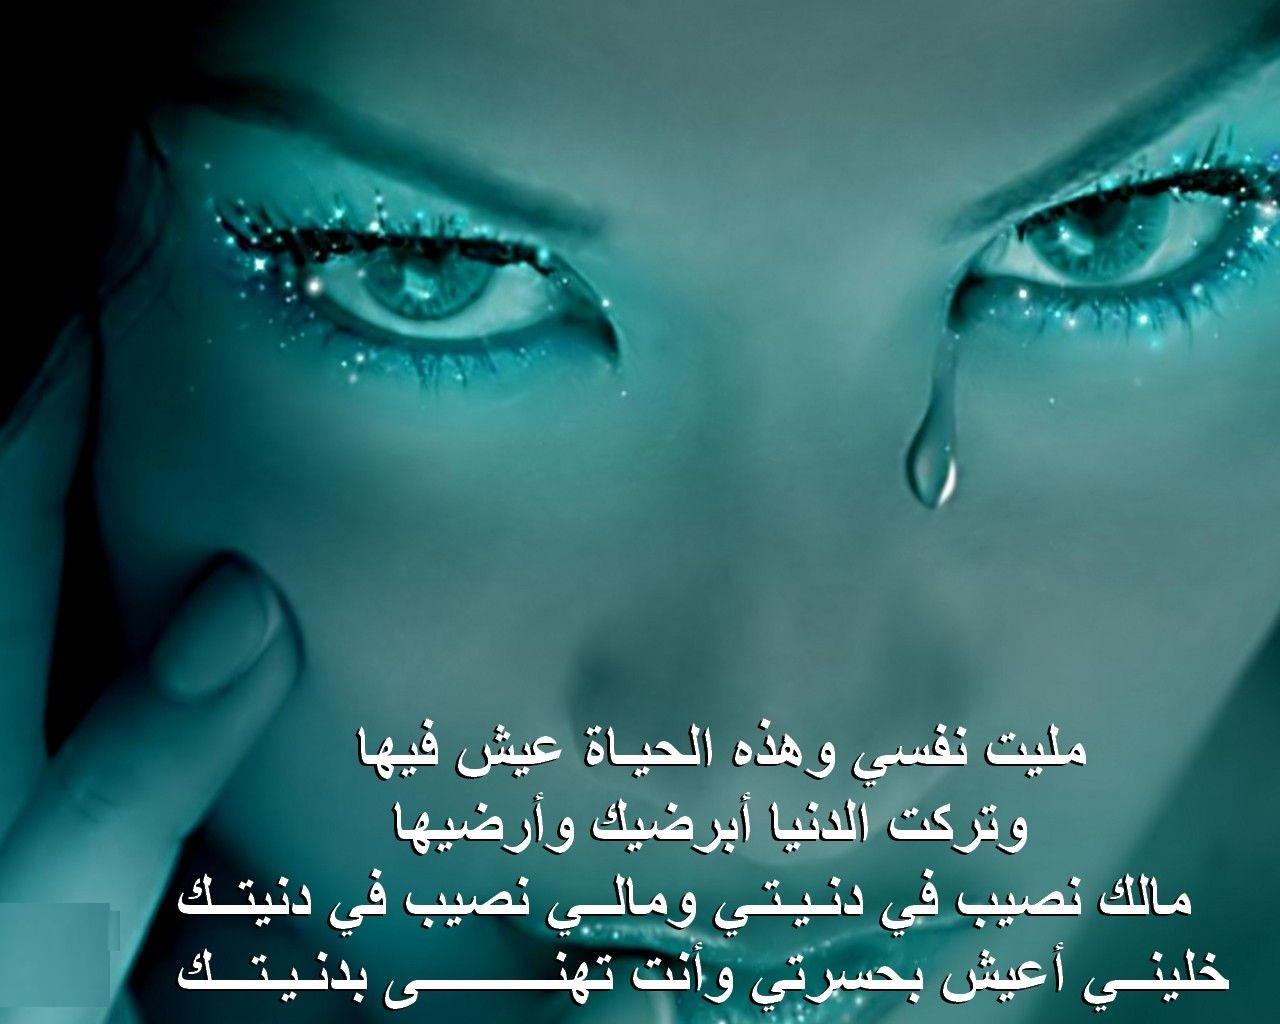 بالصور صور حزينه للفيس , الحزن فى صورة توضع على الفيس بوك 5418 5